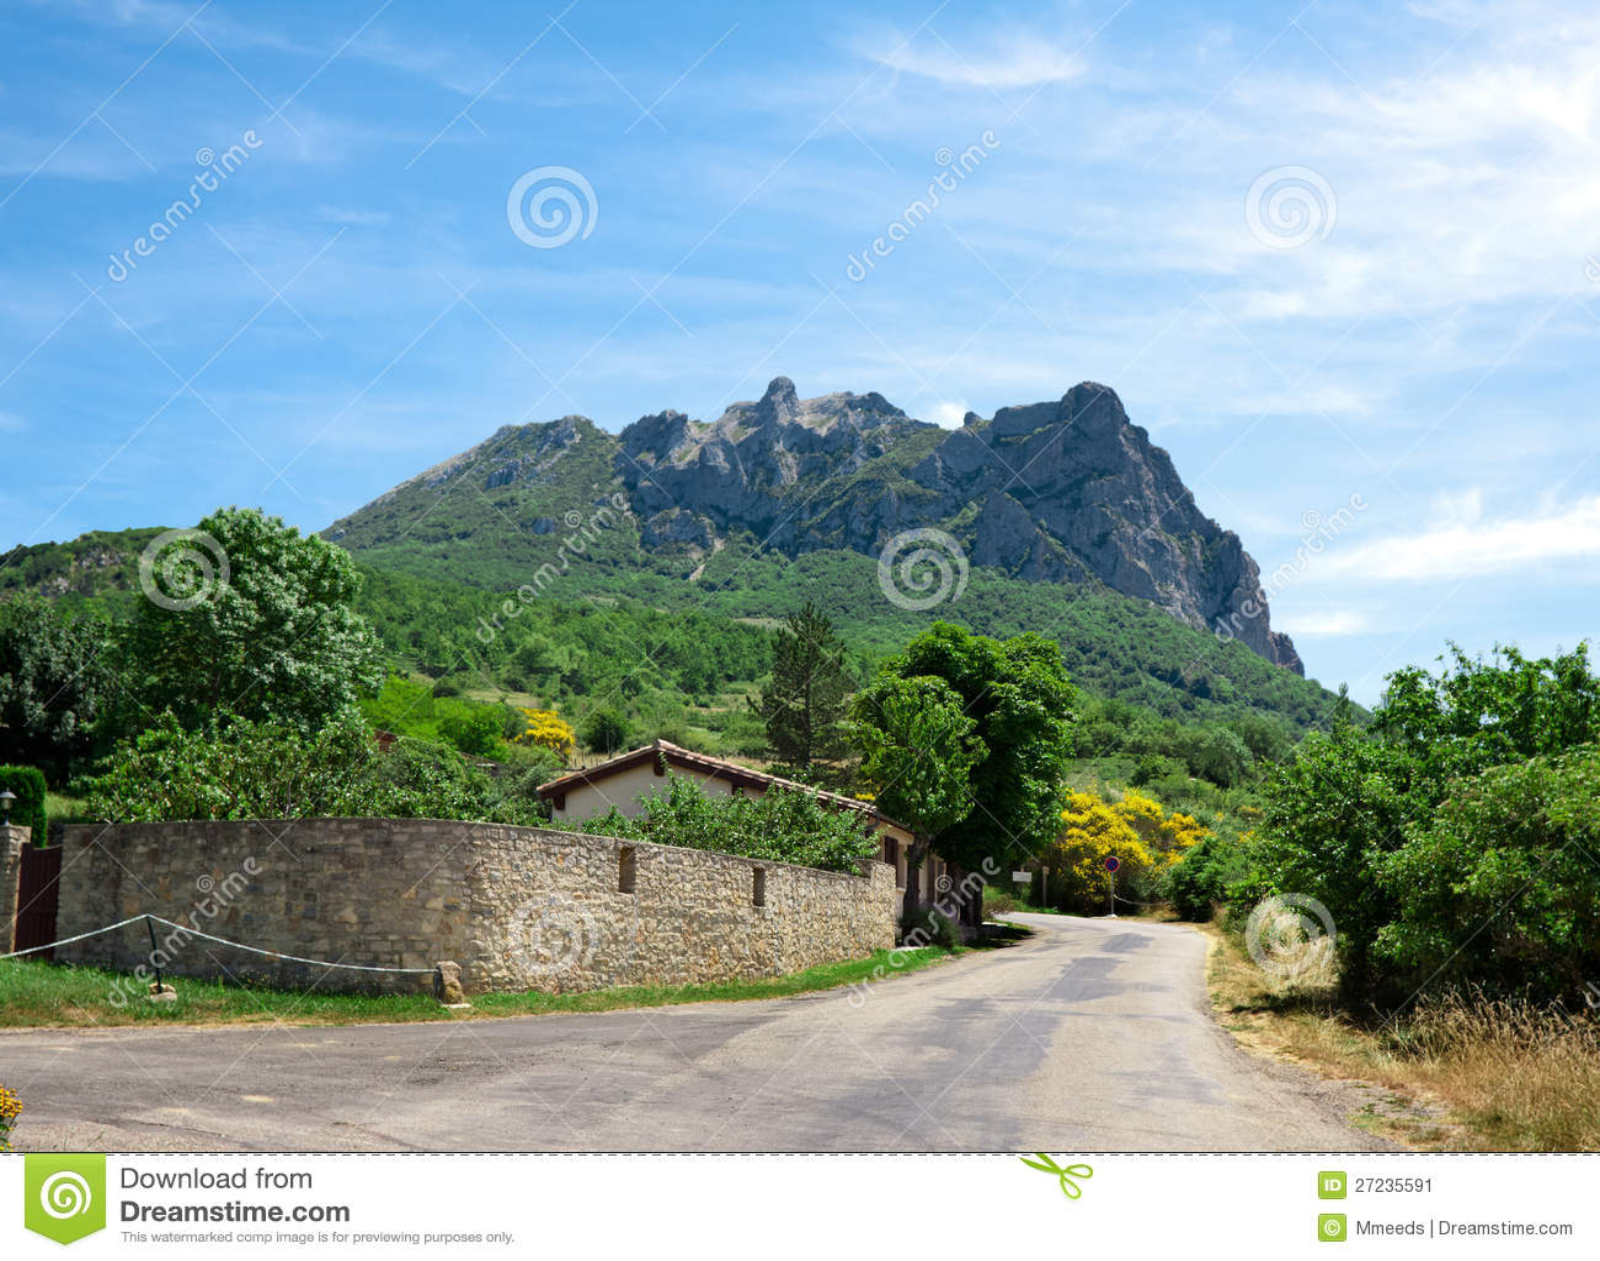 Montagne de Bugarach